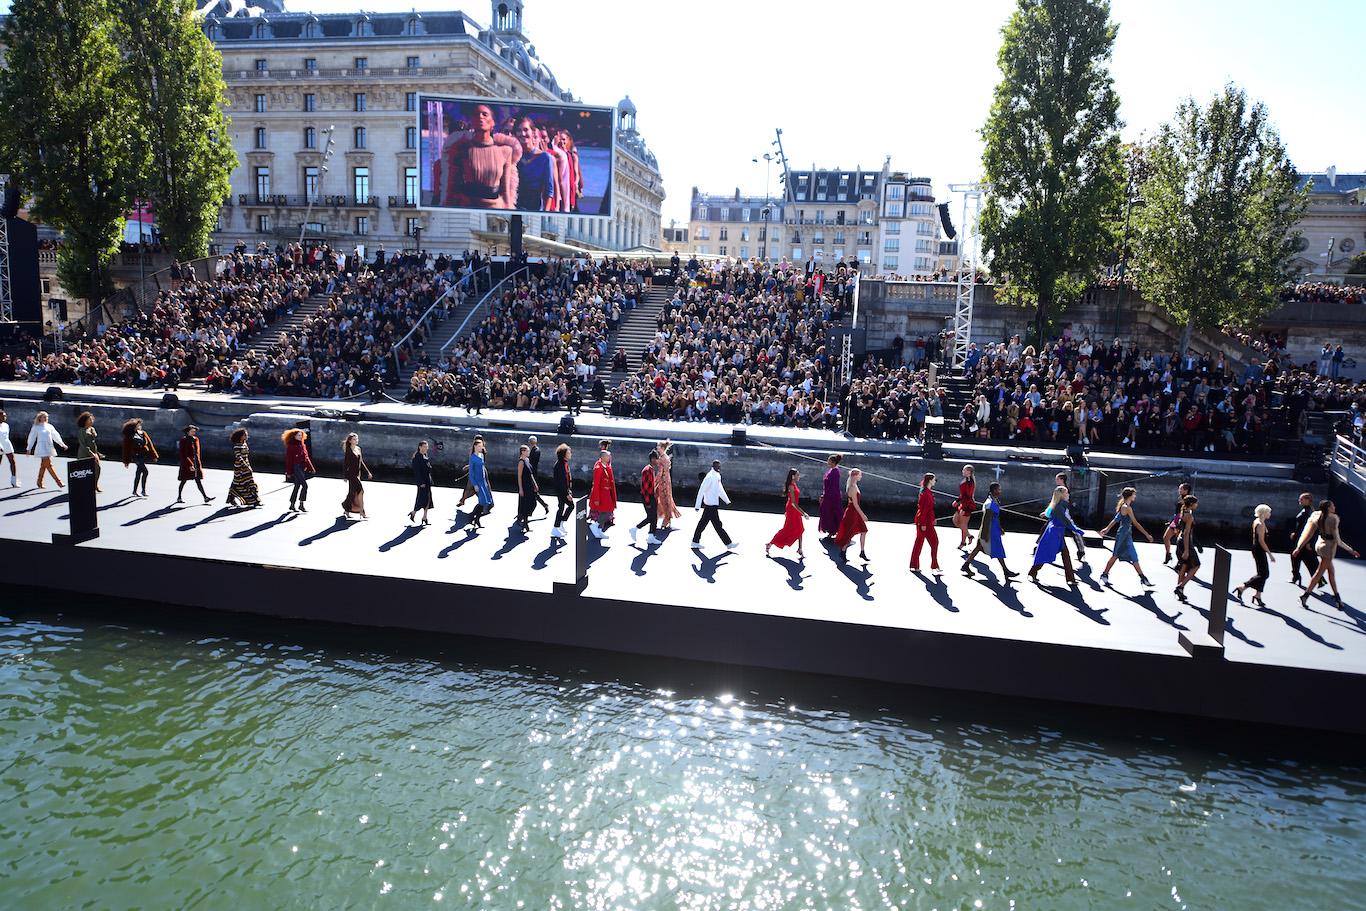 Défilé L'Oréal Paris 2018